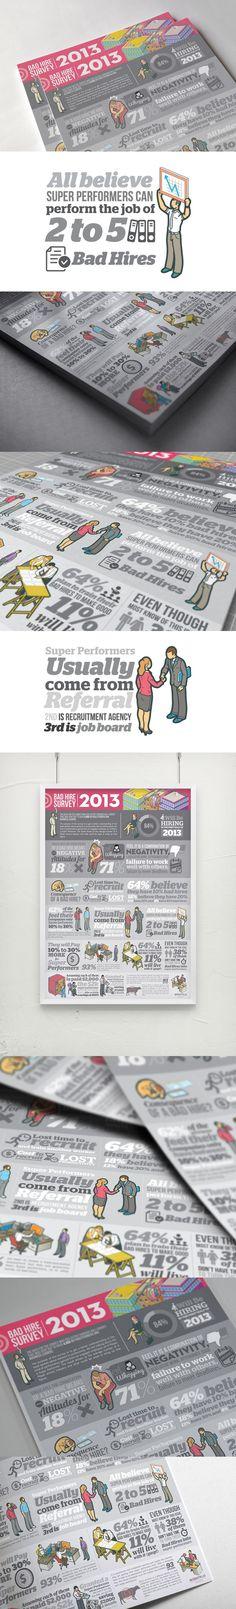 Business infographic : Bad Hire Survey 2013  Negative attitudes! Negativity lacklustre work attendanc